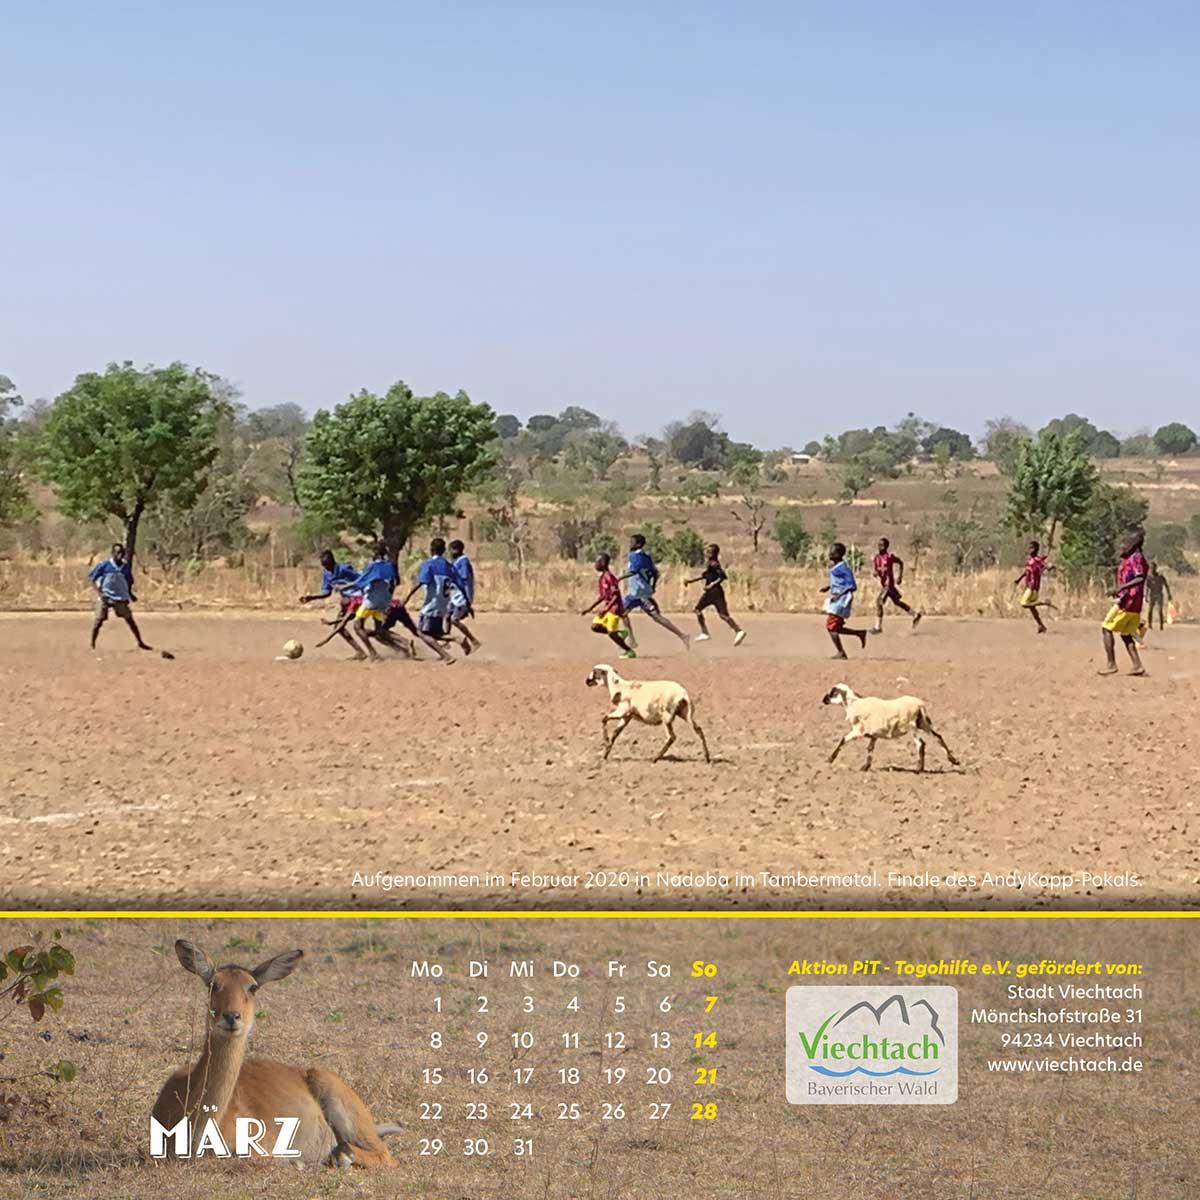 Togo-Kalender 2021 - Maerz